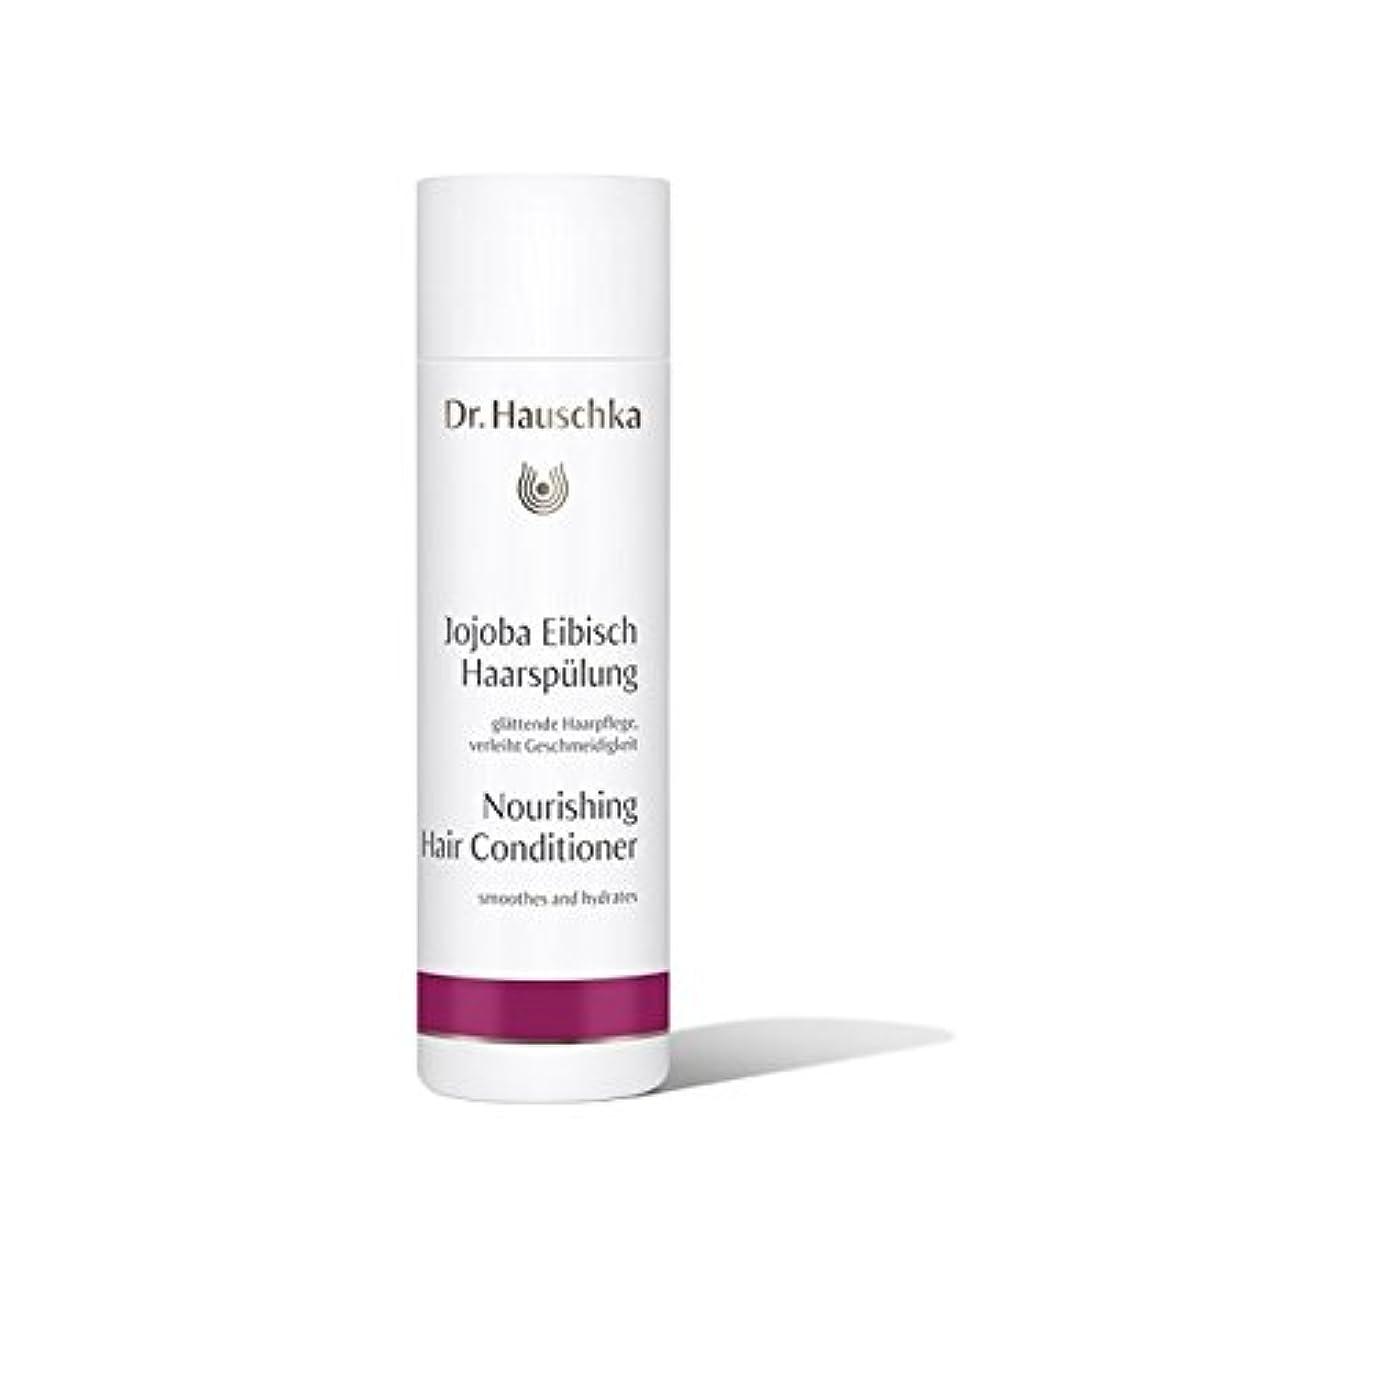 娘れる命題Dr. Hauschka Nourishing Hair Conditioner (200ml) (Pack of 6) - ハウシュカ栄養ヘアコンディショナー(200ミリリットル) x6 [並行輸入品]